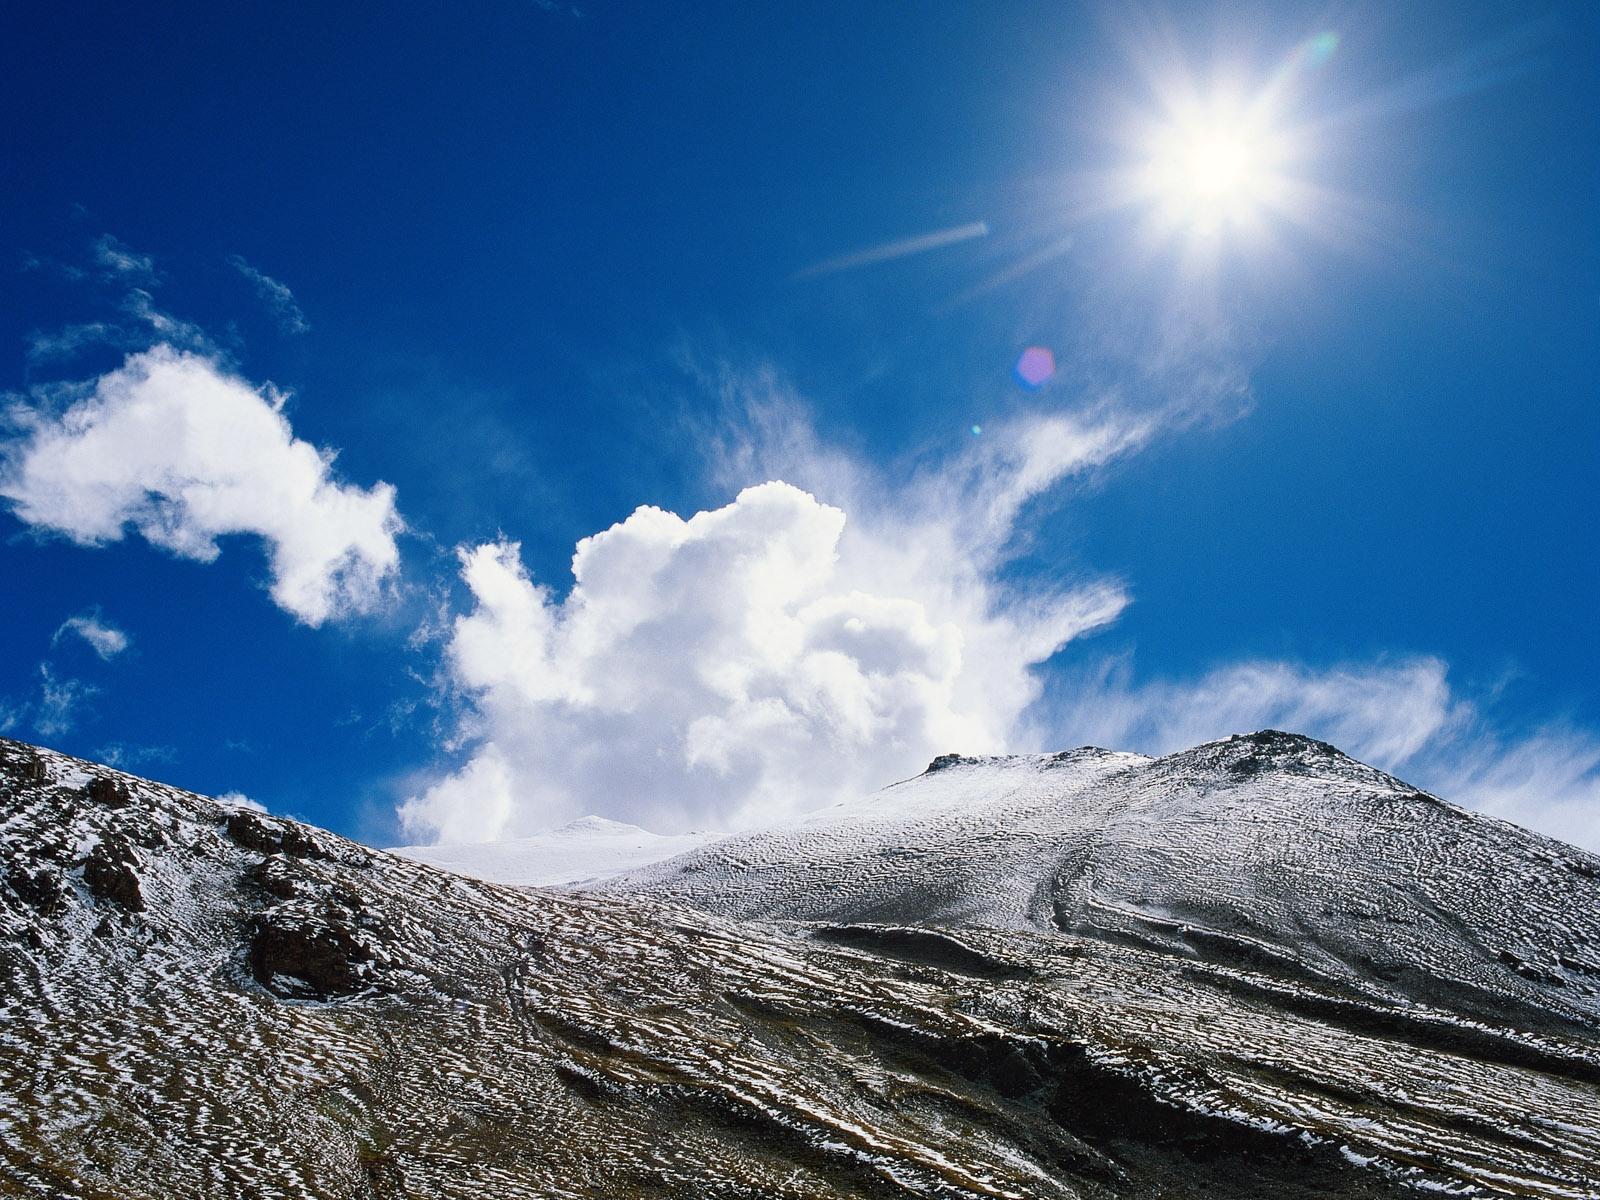 阳光最的_最接近阳光的地方